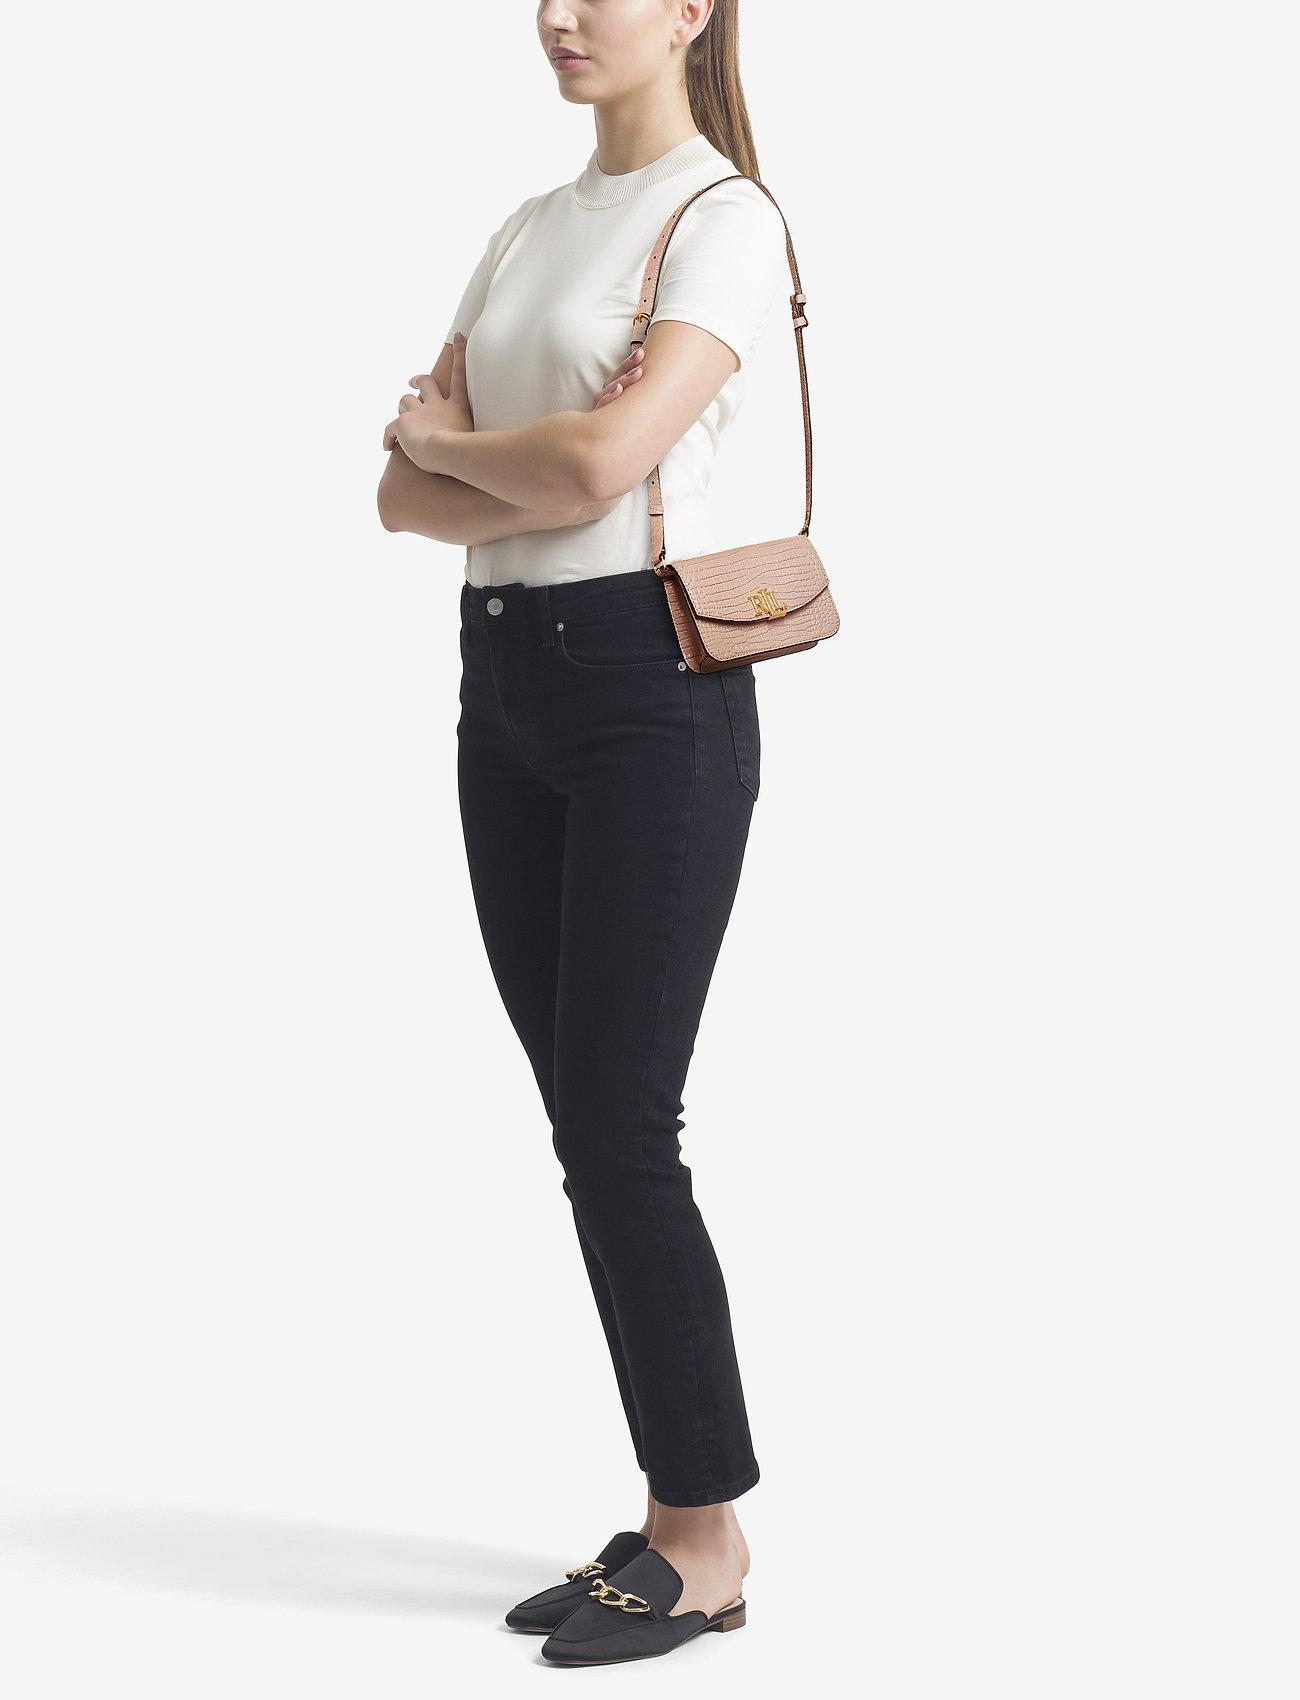 Lauren Ralph Lauren Leather Crossbody Bag - MELLOW PINK